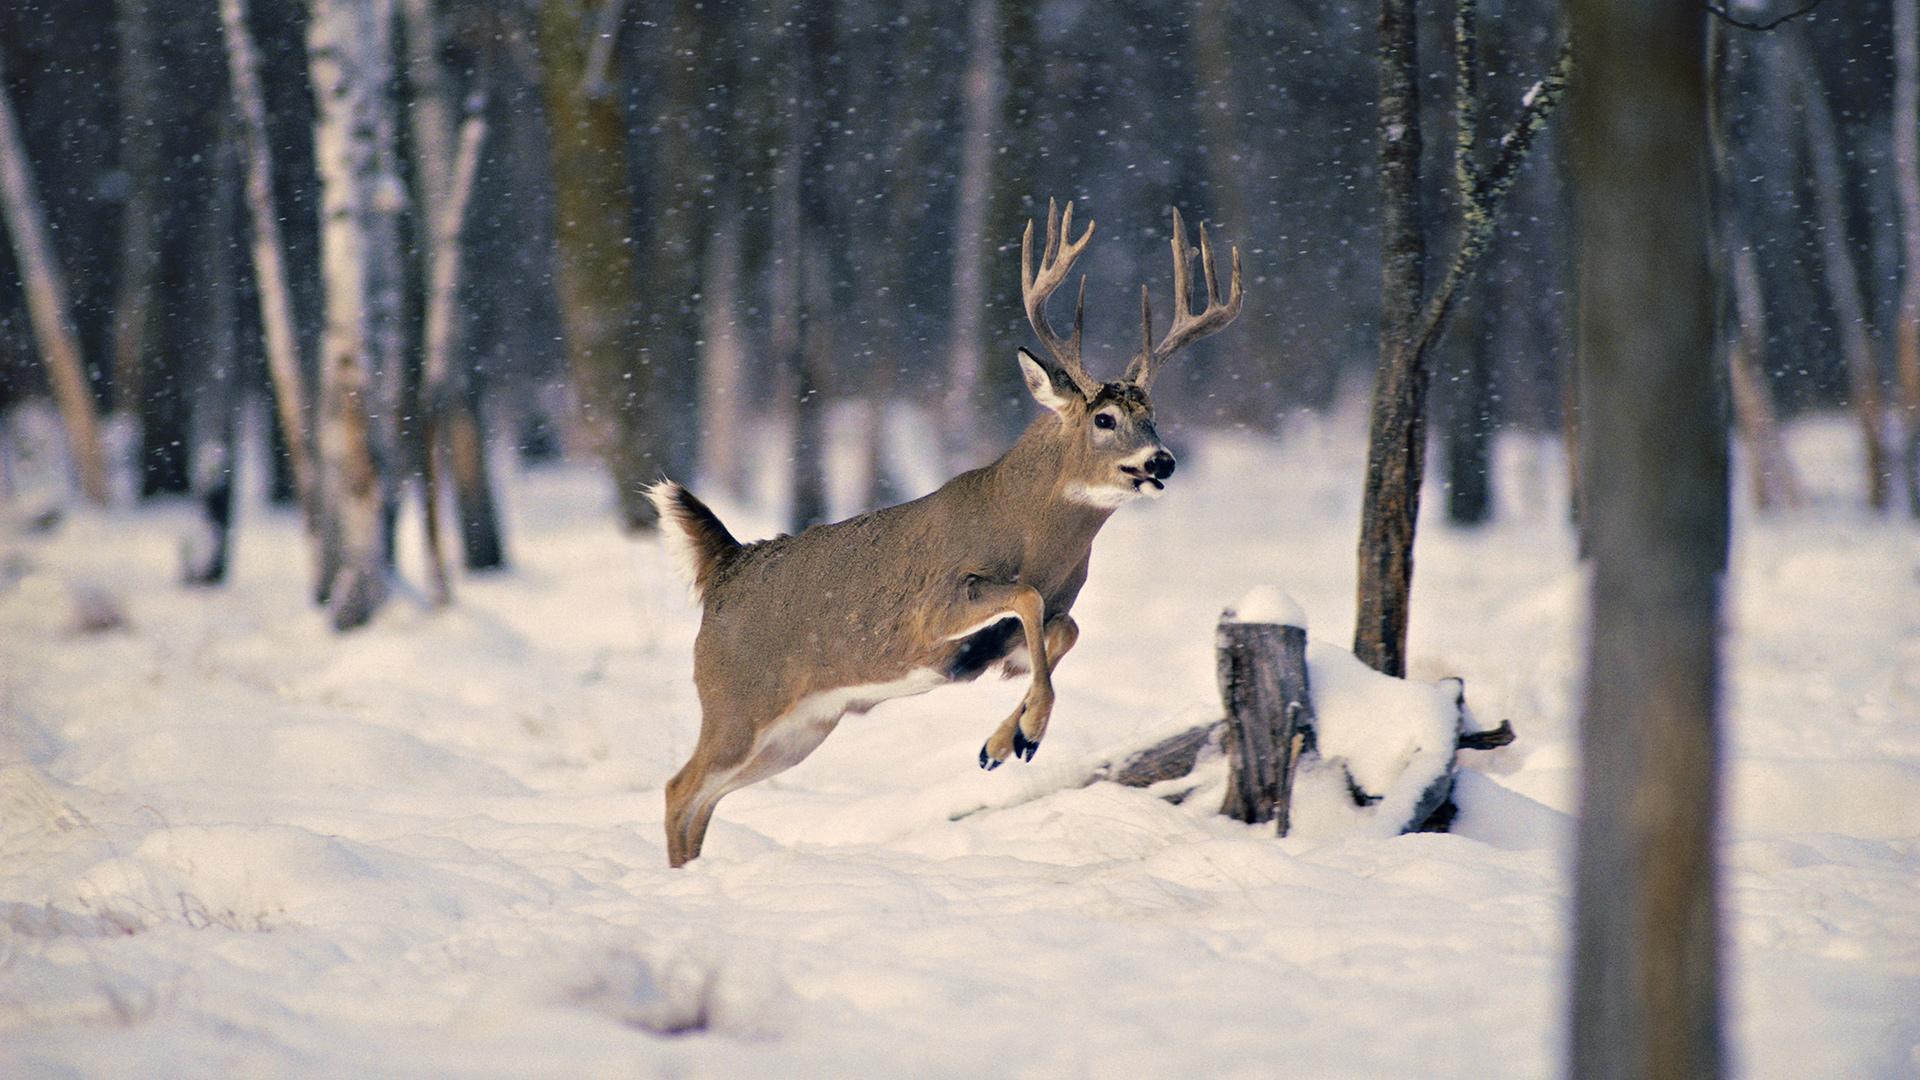 олени лес снег зима смотреть